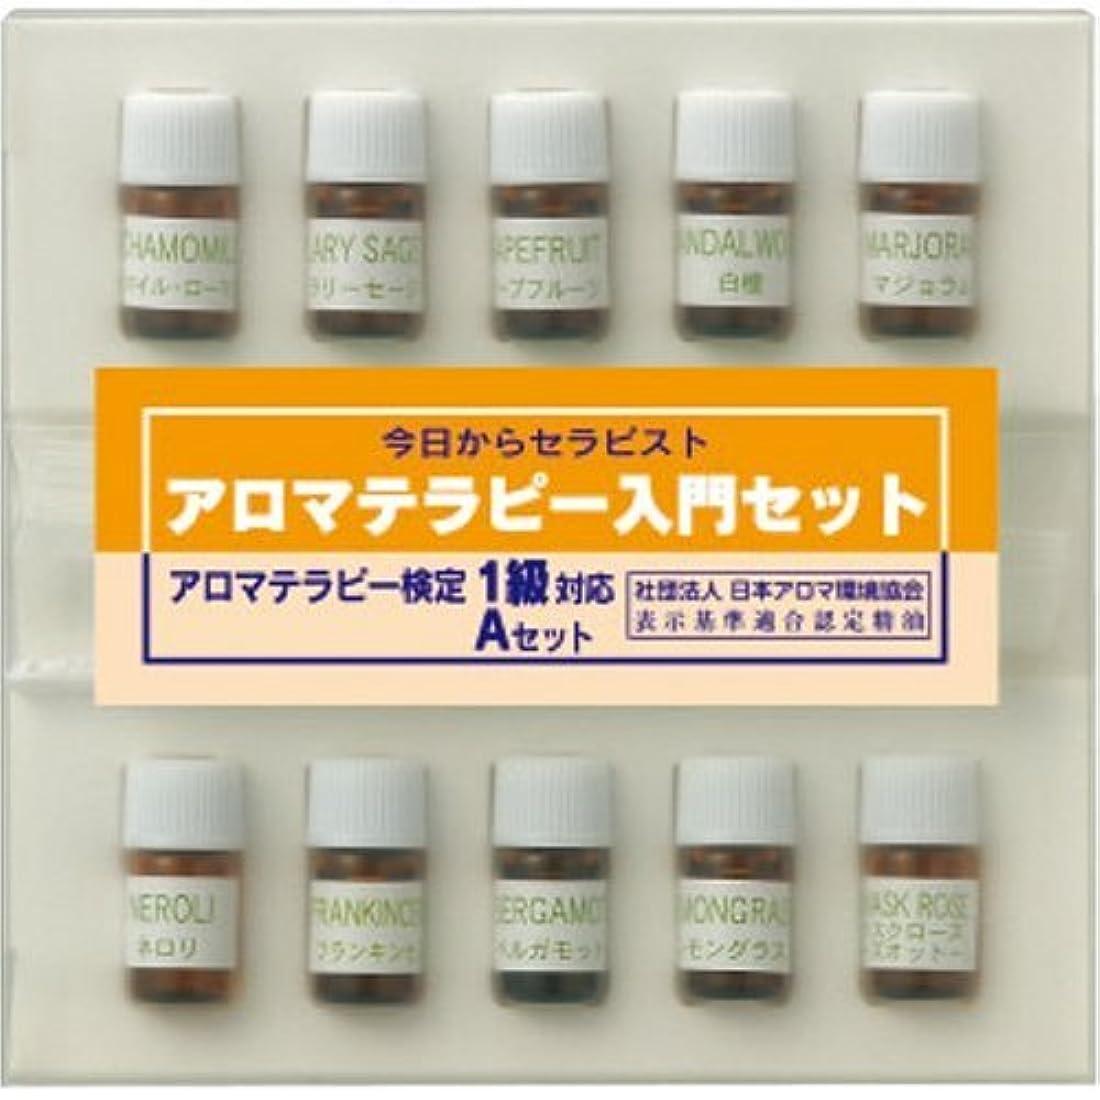 単調なアルファベット順カメ生活の木 アロマ 入門セット 検定 1 級